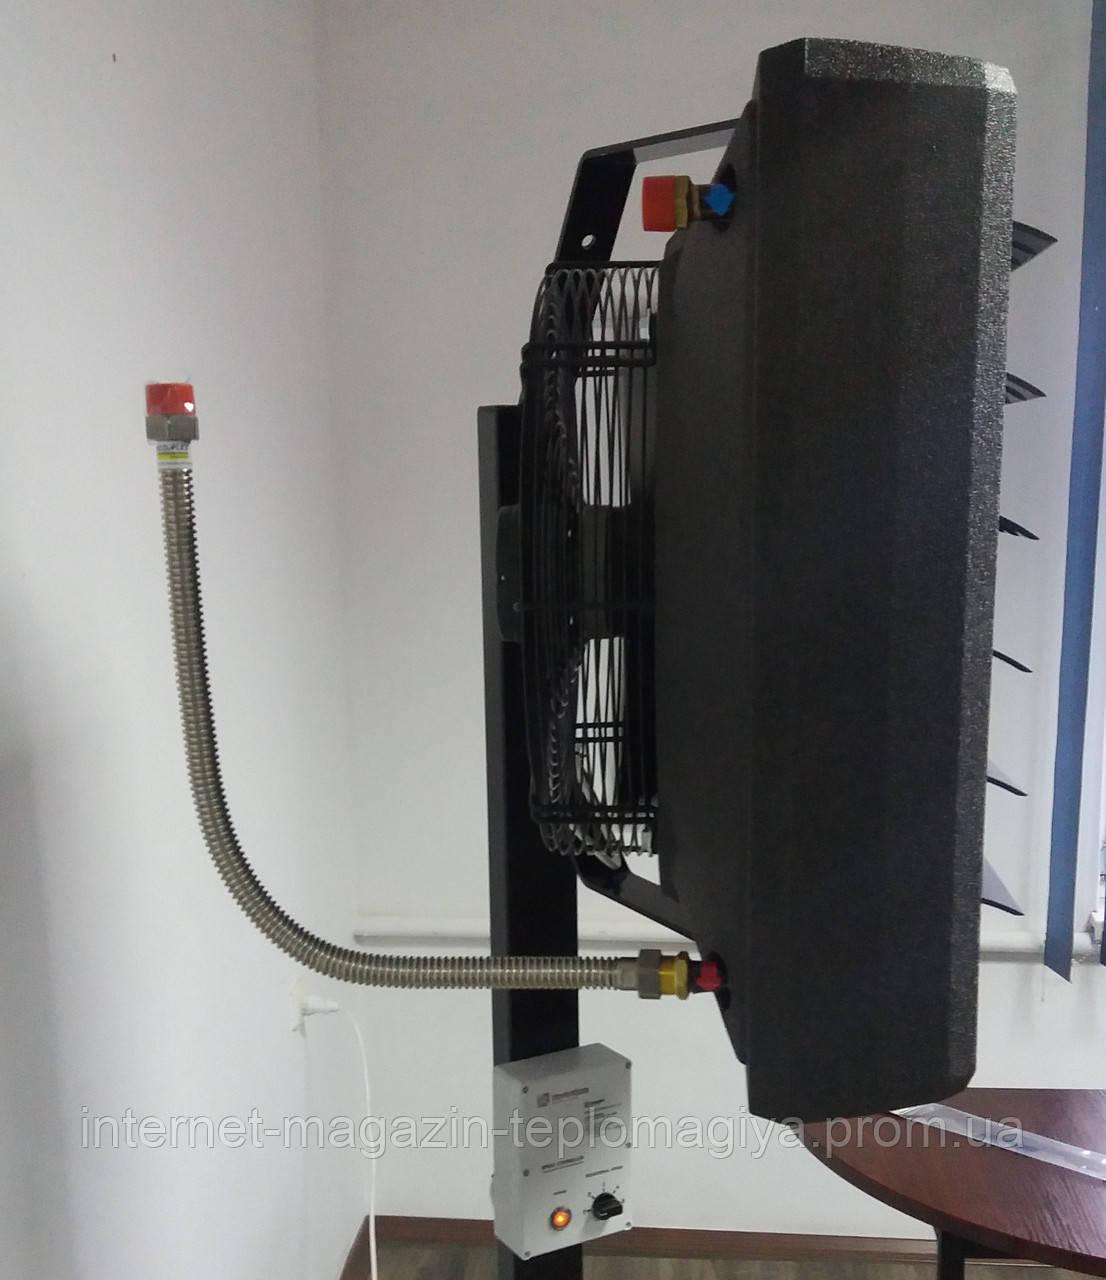 Водяной шланг для подключения к тепловентилятору 3/4, 60 см.